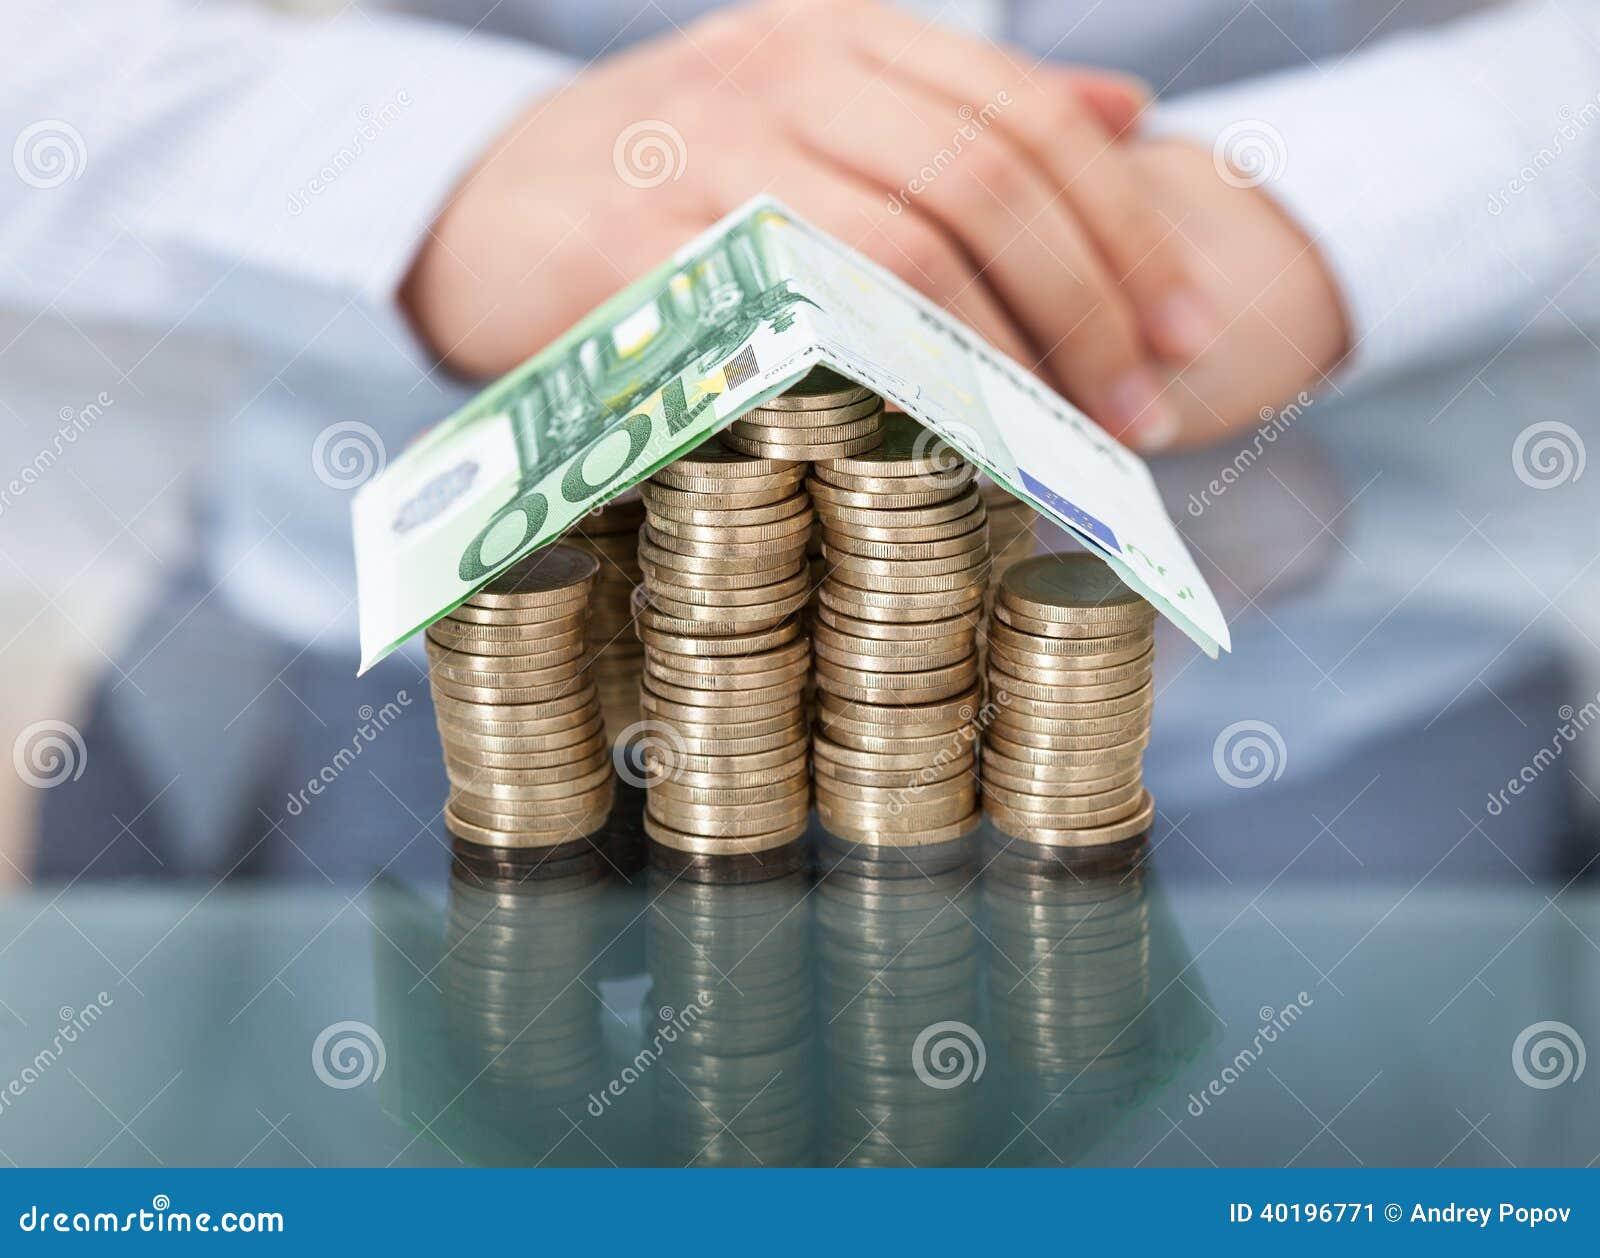 особенности потребительского кредита займа